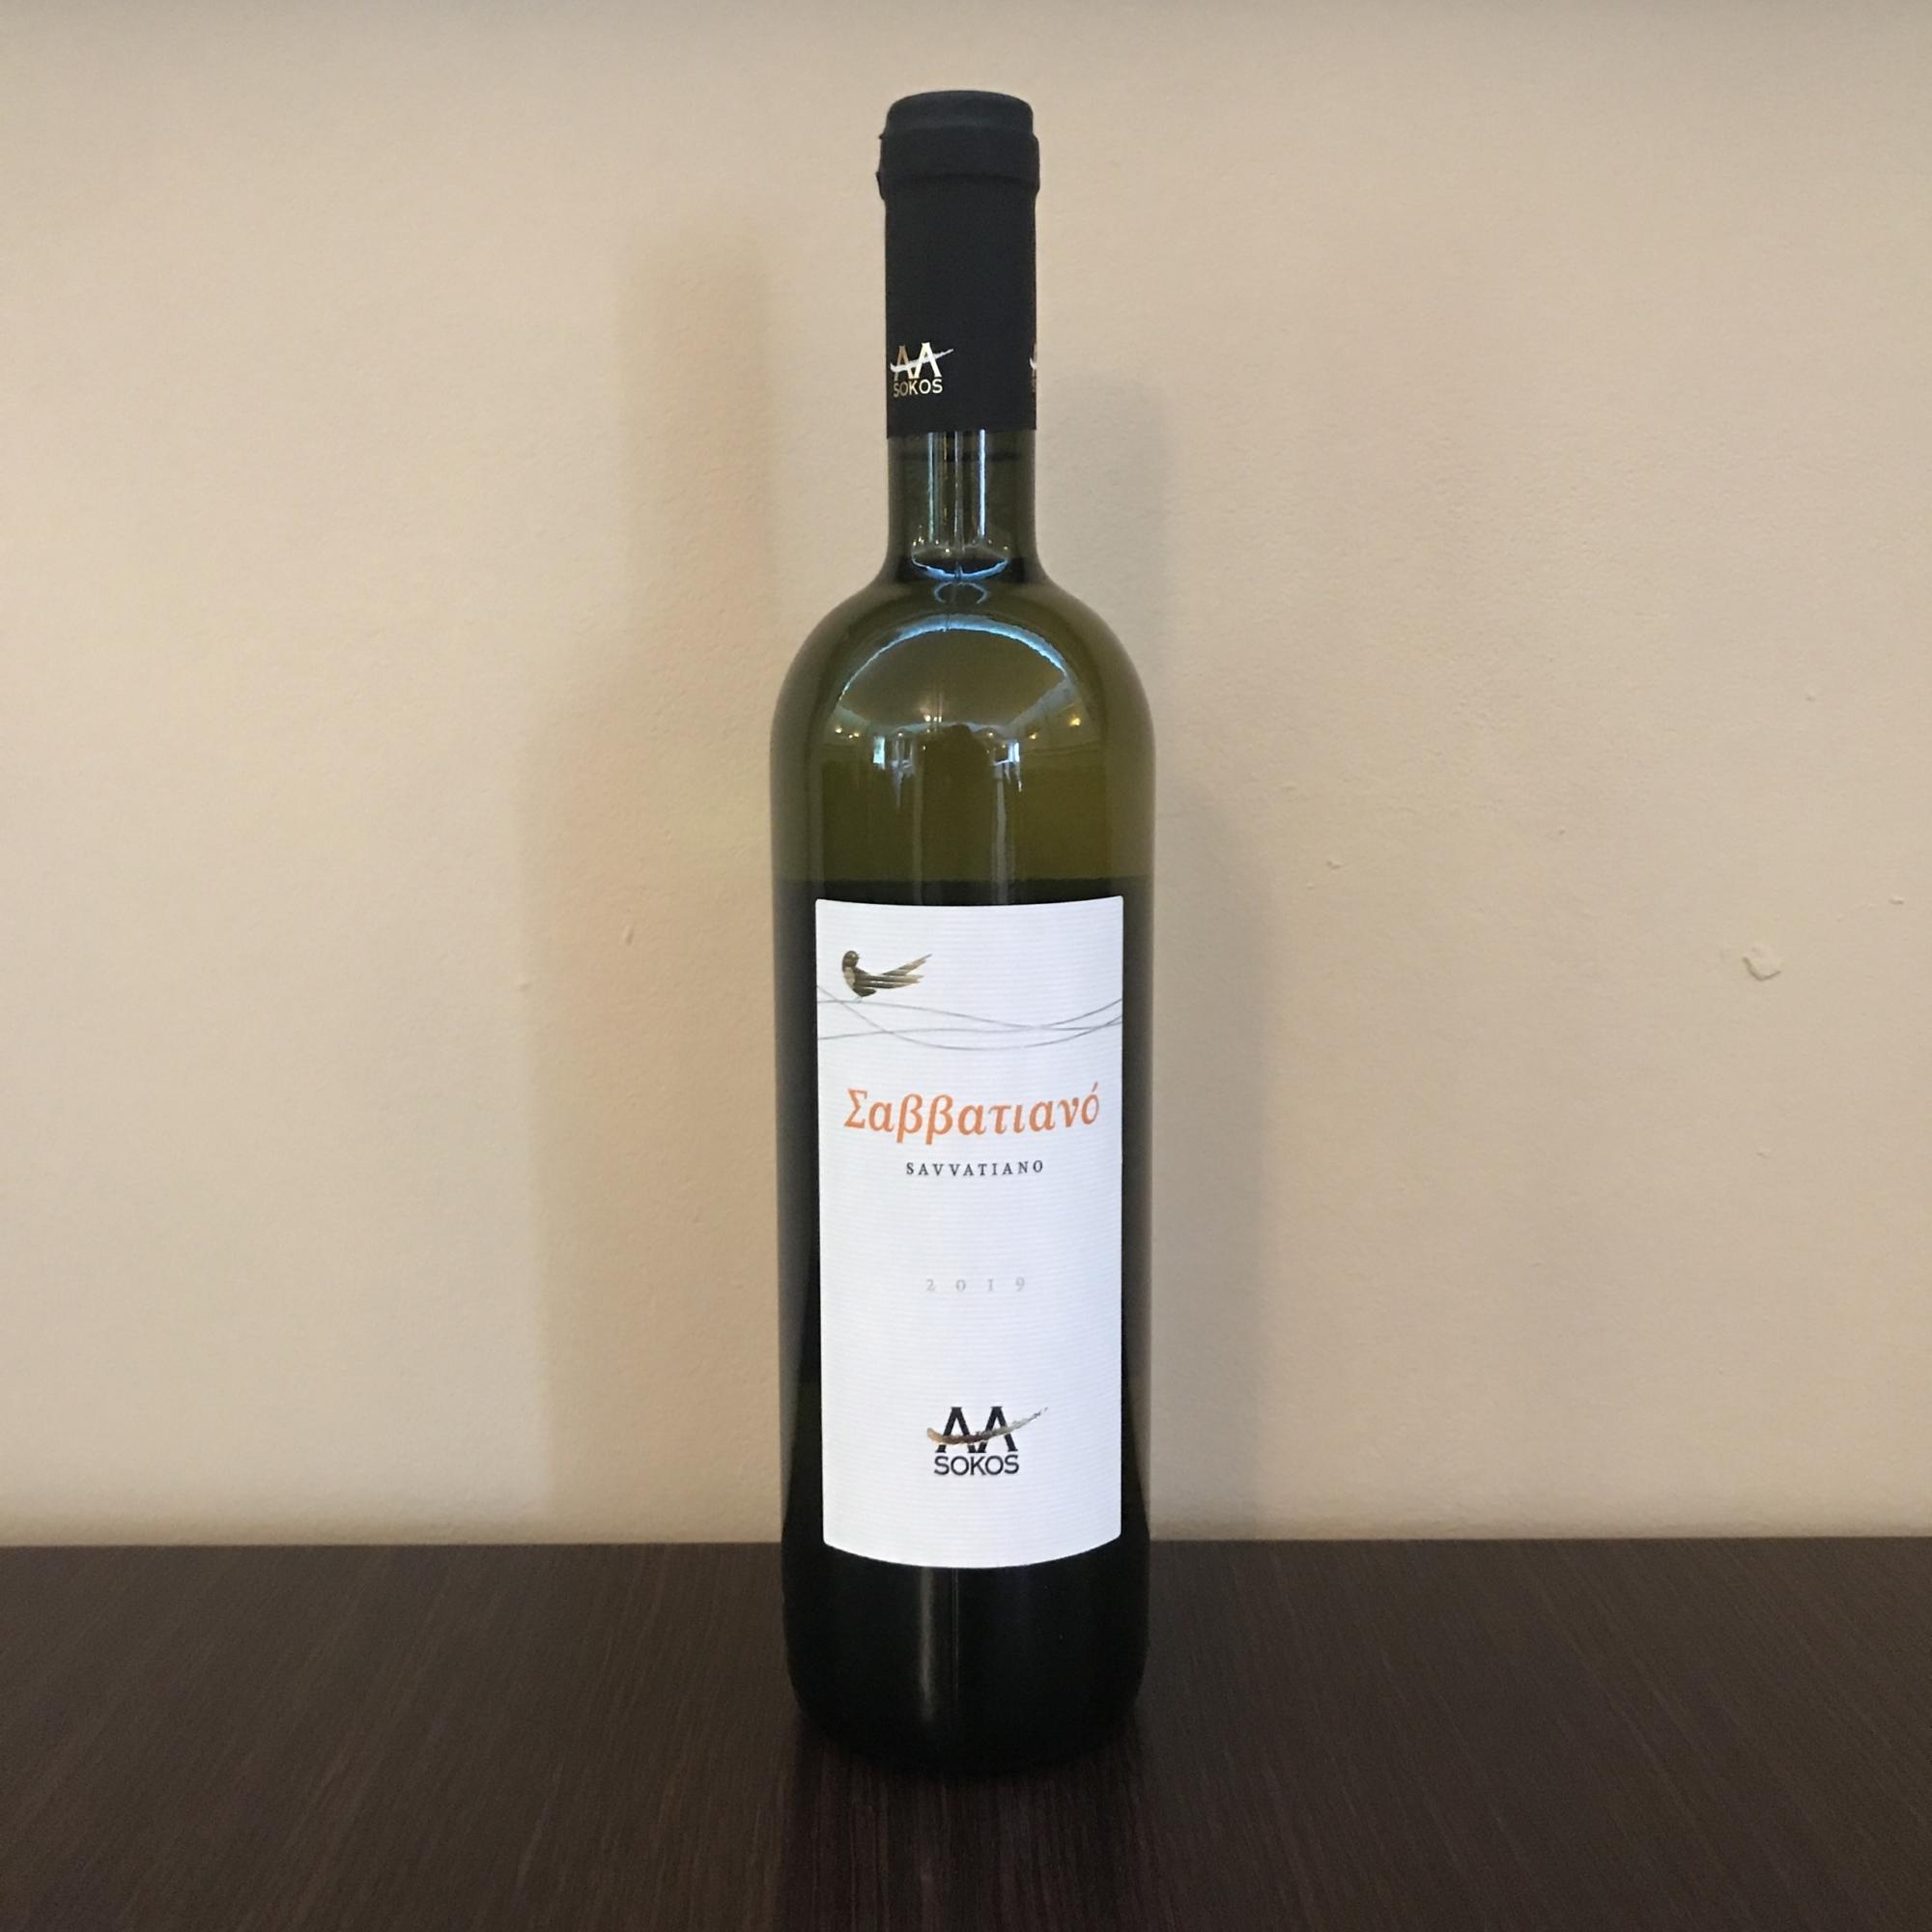 Grieche-Wedel-Taverna-Plaka-Wein-Savvatiano-Vorderseite